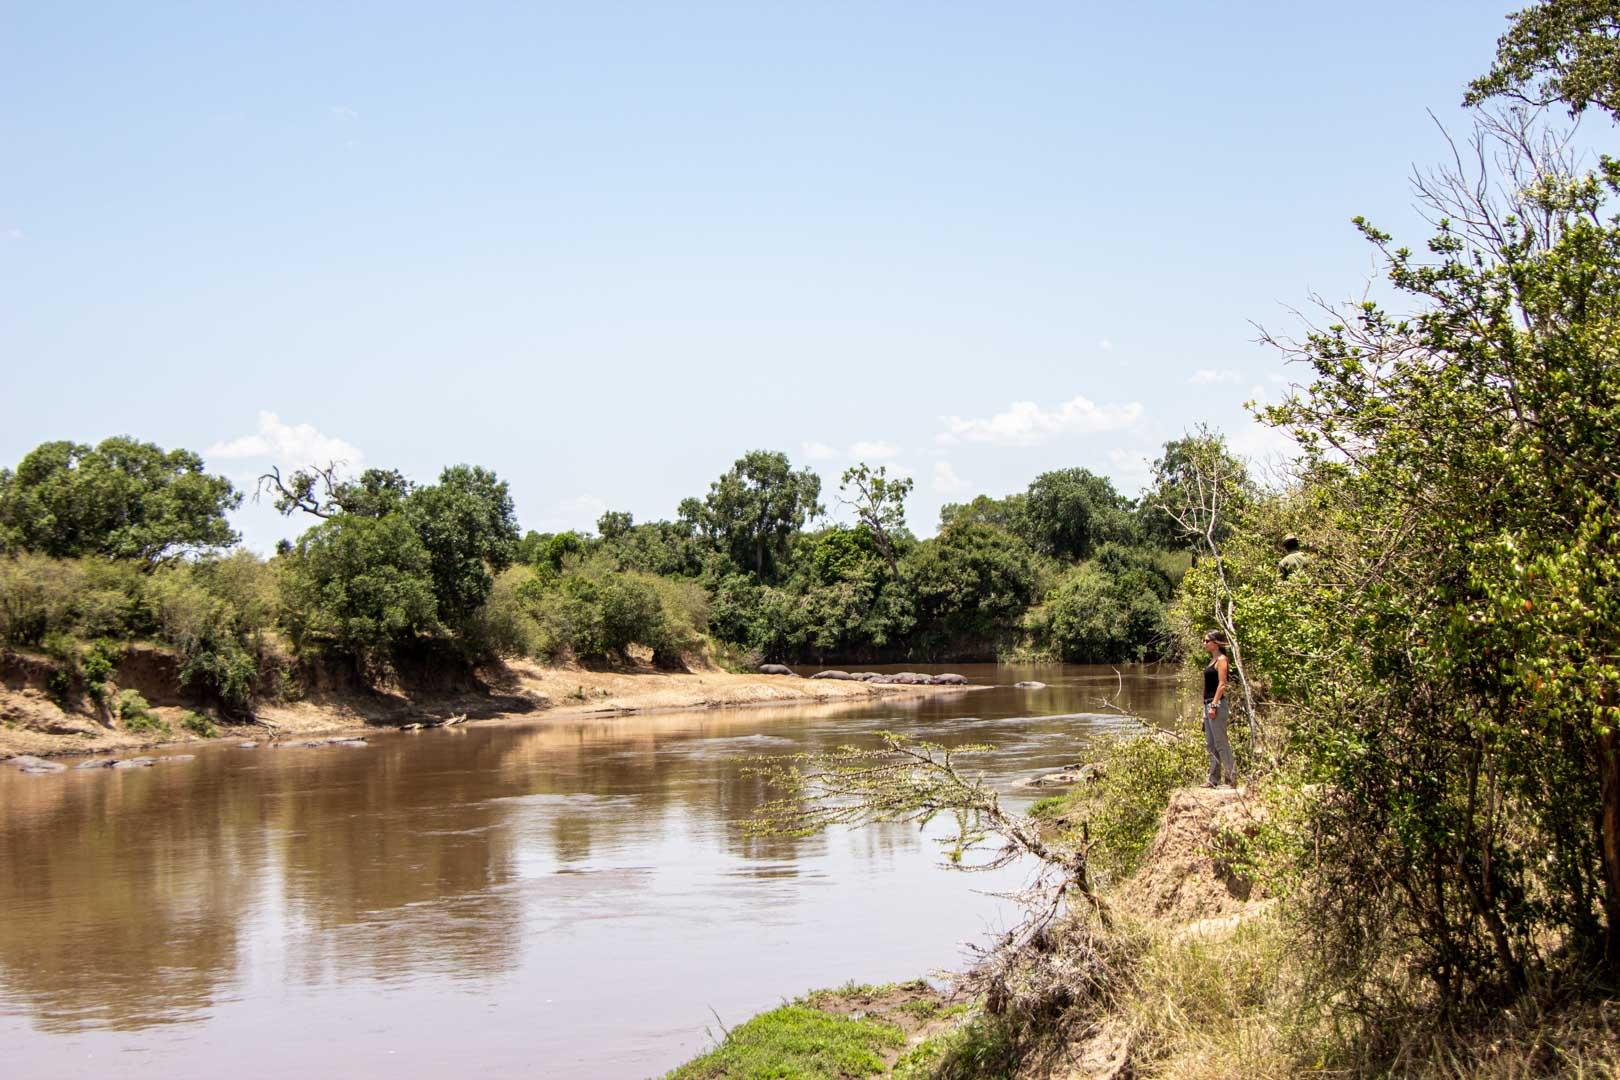 Disfrutando de las vistas de los hipopótamos en el río Mara, Masai Mara, Kenia